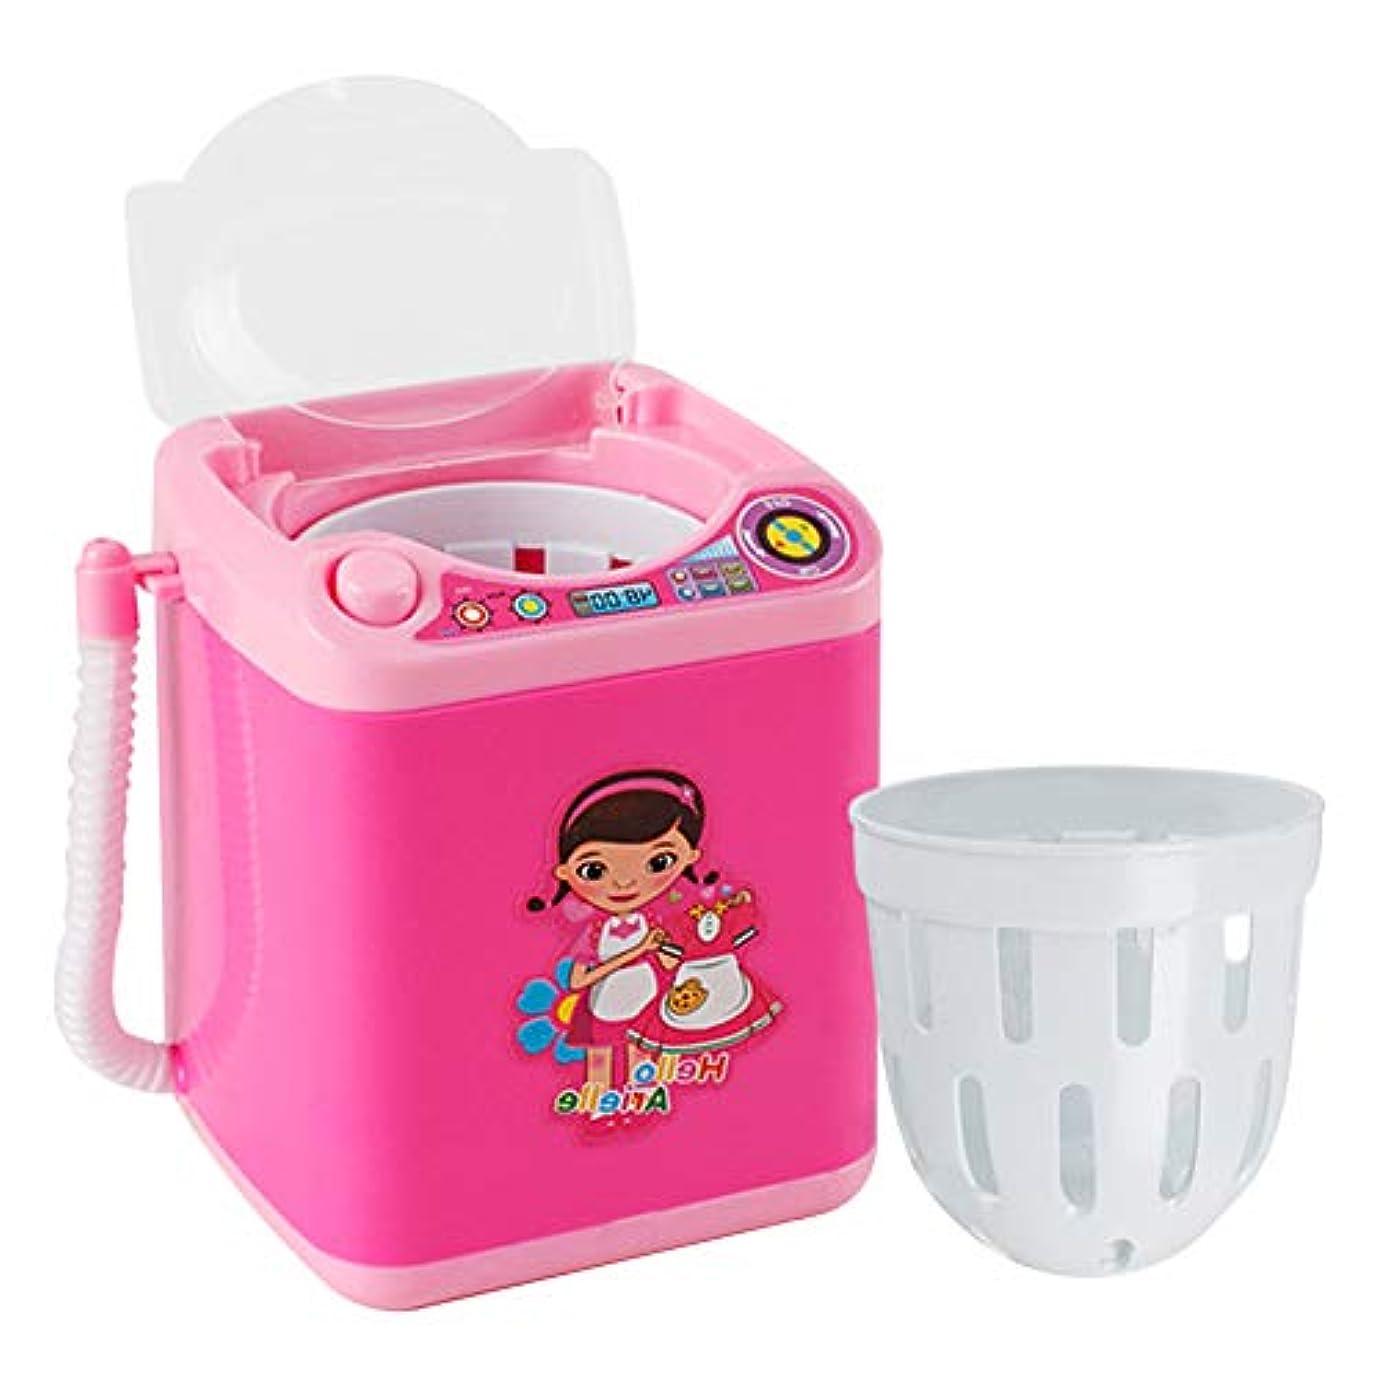 部族赤字難民メイクアップブラシクリーナー、ミニ自動メイクアップブラシクリーニング装置、メイクアップブラシを清潔に保ち、自動かつ迅速なクリーニング(ピンク)